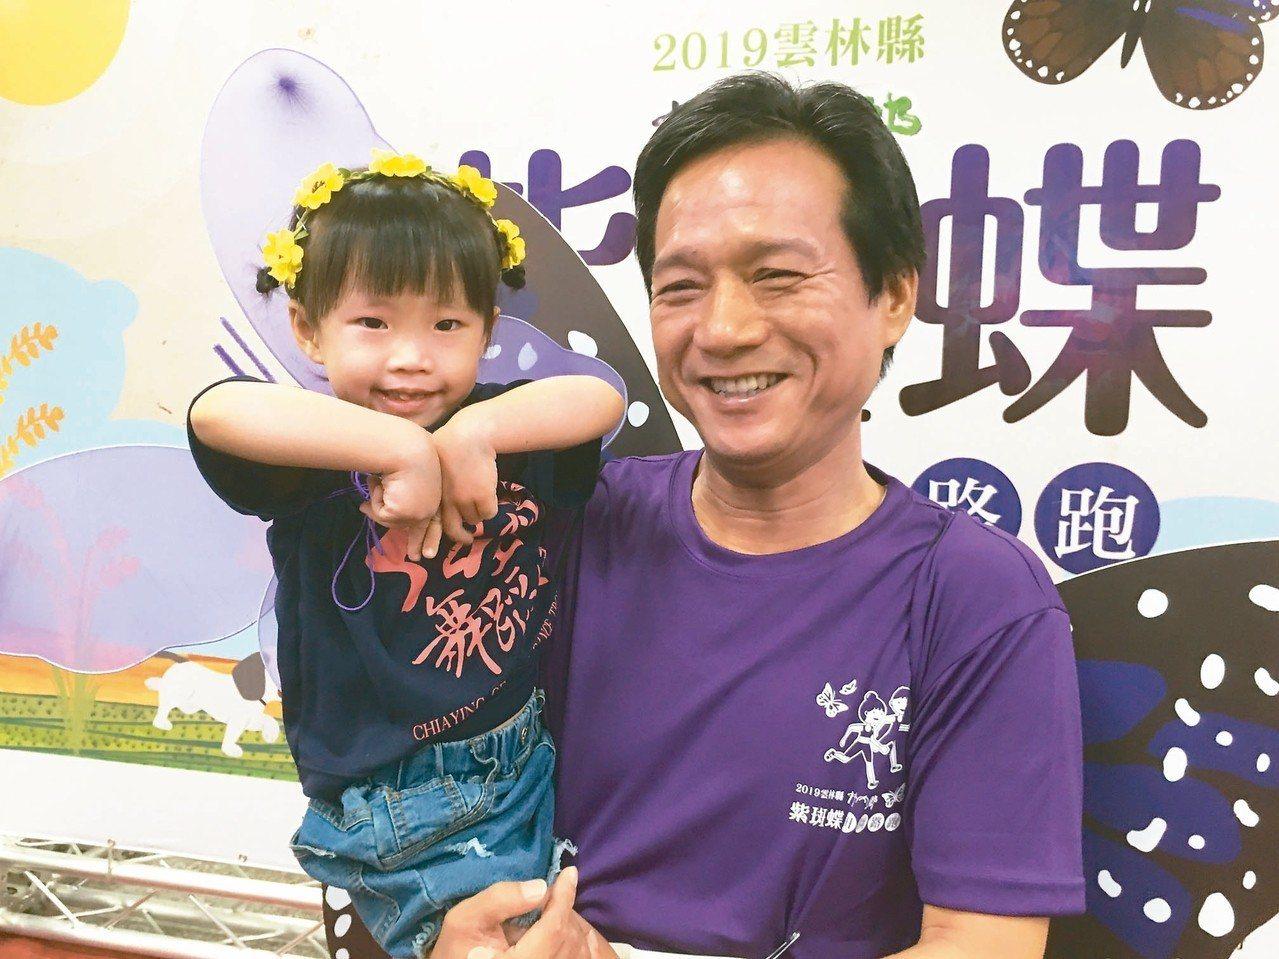 鄉長張維崢(右)號召2500名跑者一同背著紫色翅膀在田園道路奔跑,化身美麗的紫蝶...